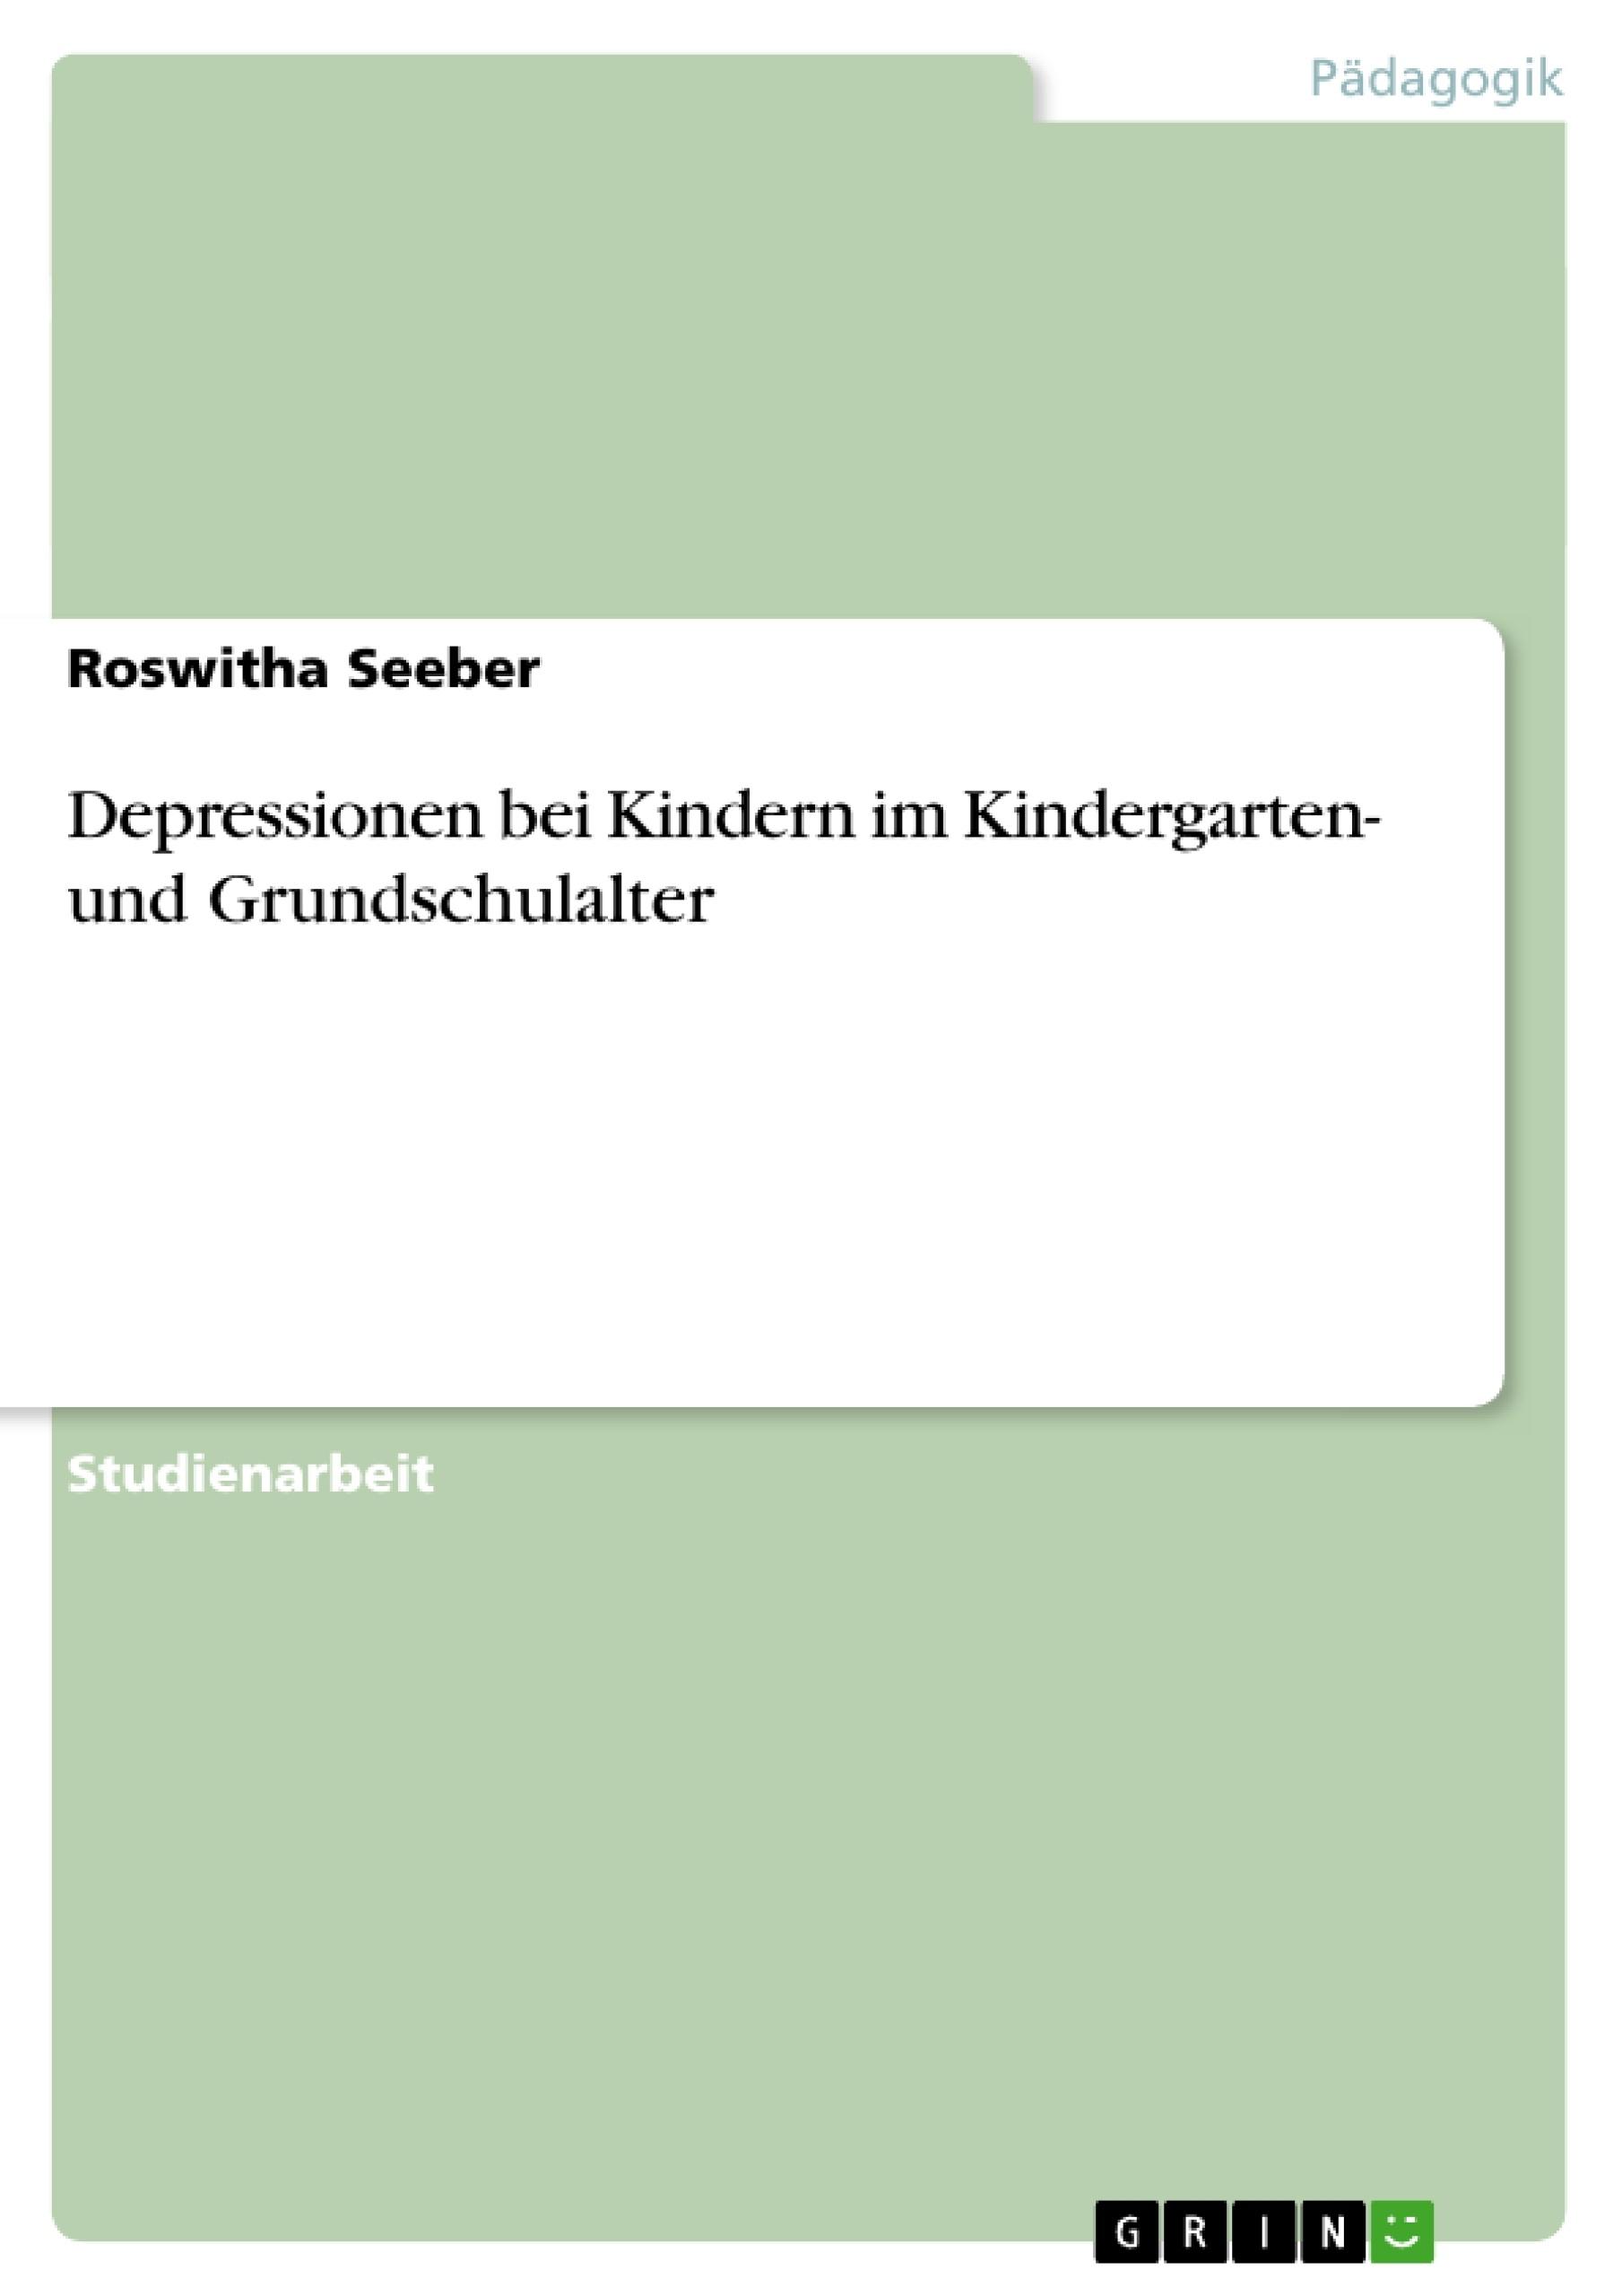 Titel: Depressionen bei Kindern im Kindergarten- und Grundschulalter